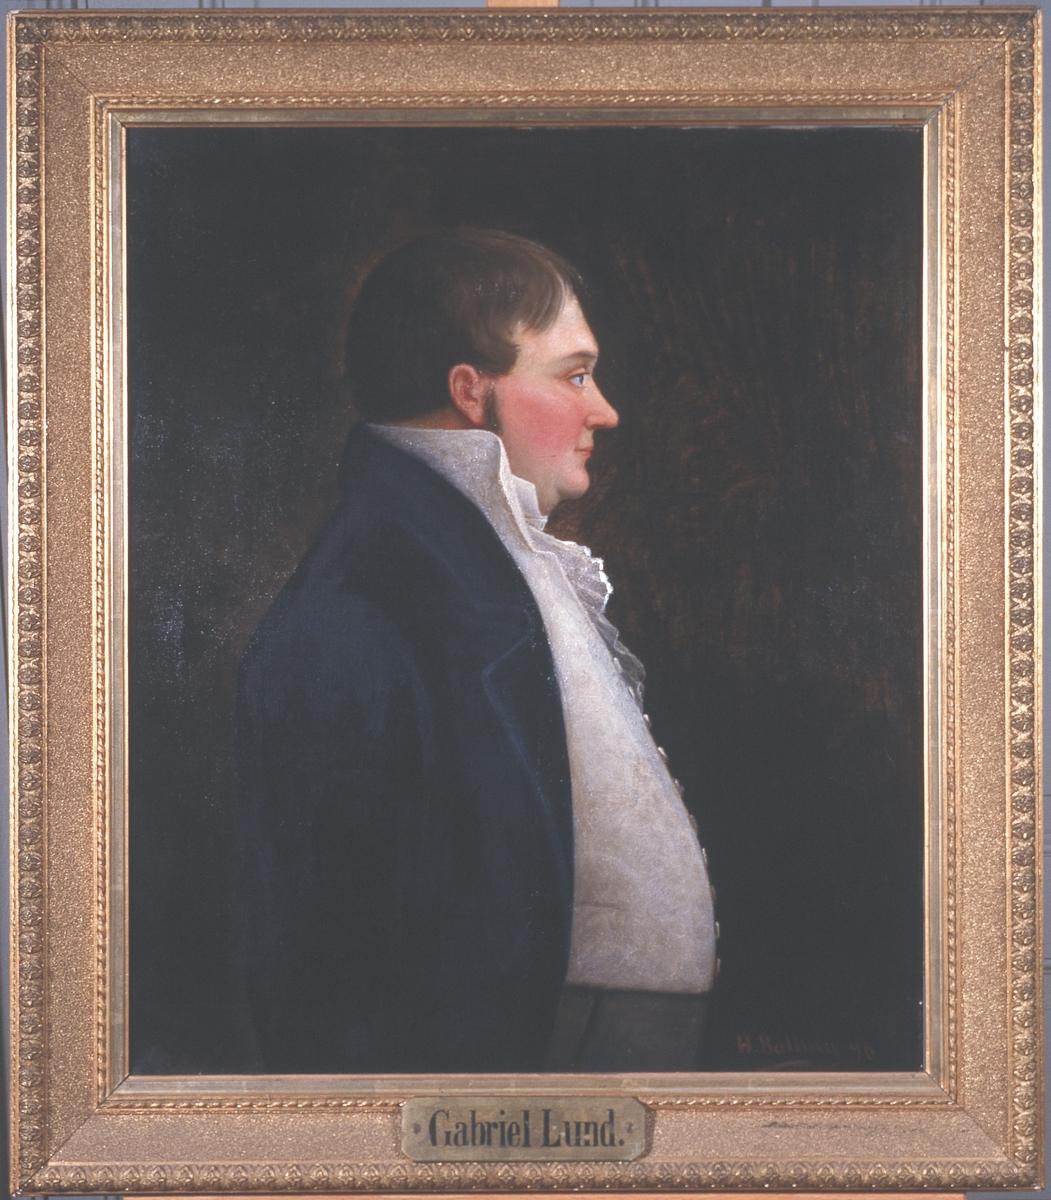 Lund, Gabriel (1773 - 1832)